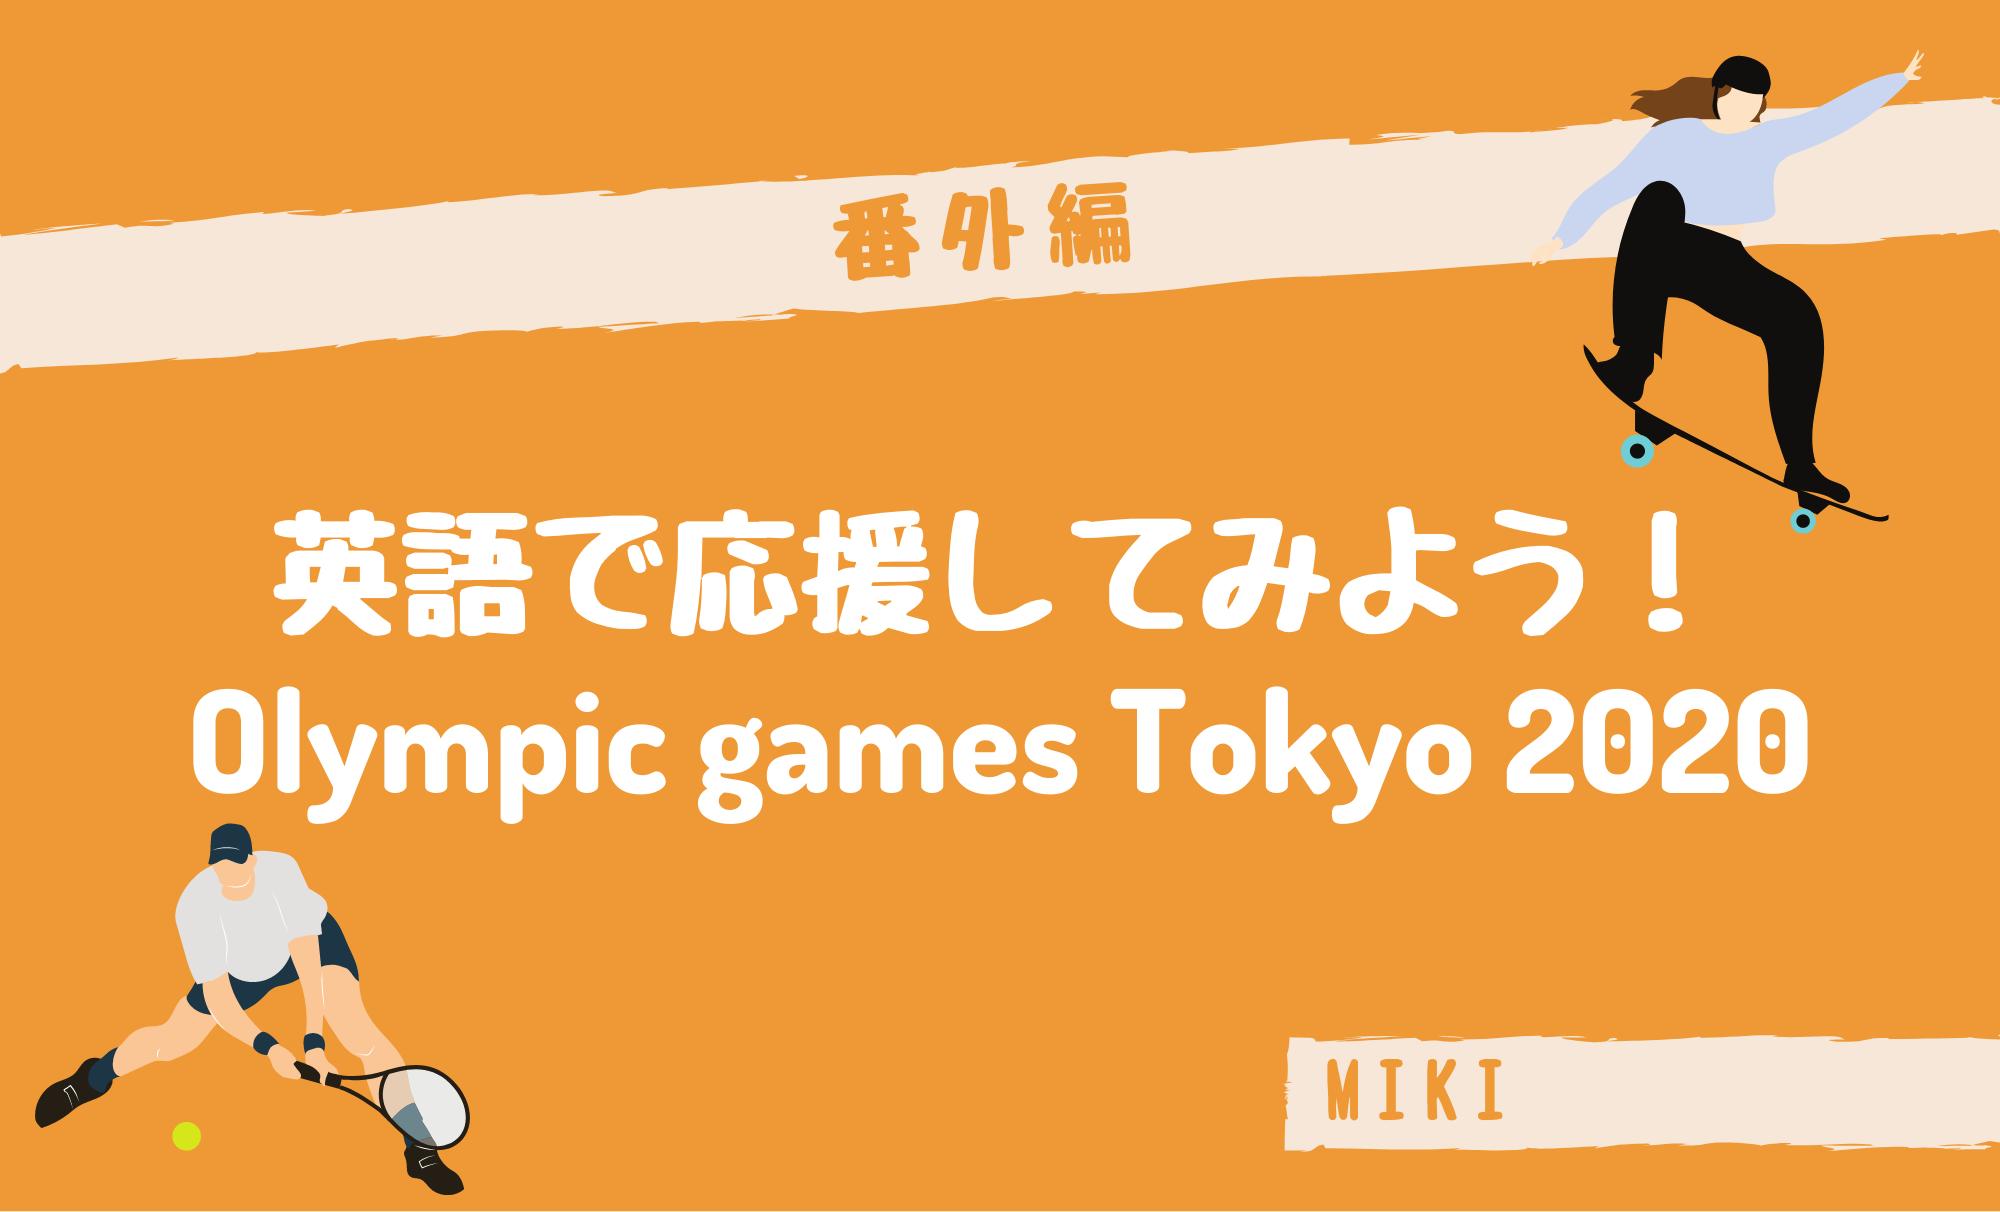 英語で応援してみよう!Olympic games Tokyo 2020